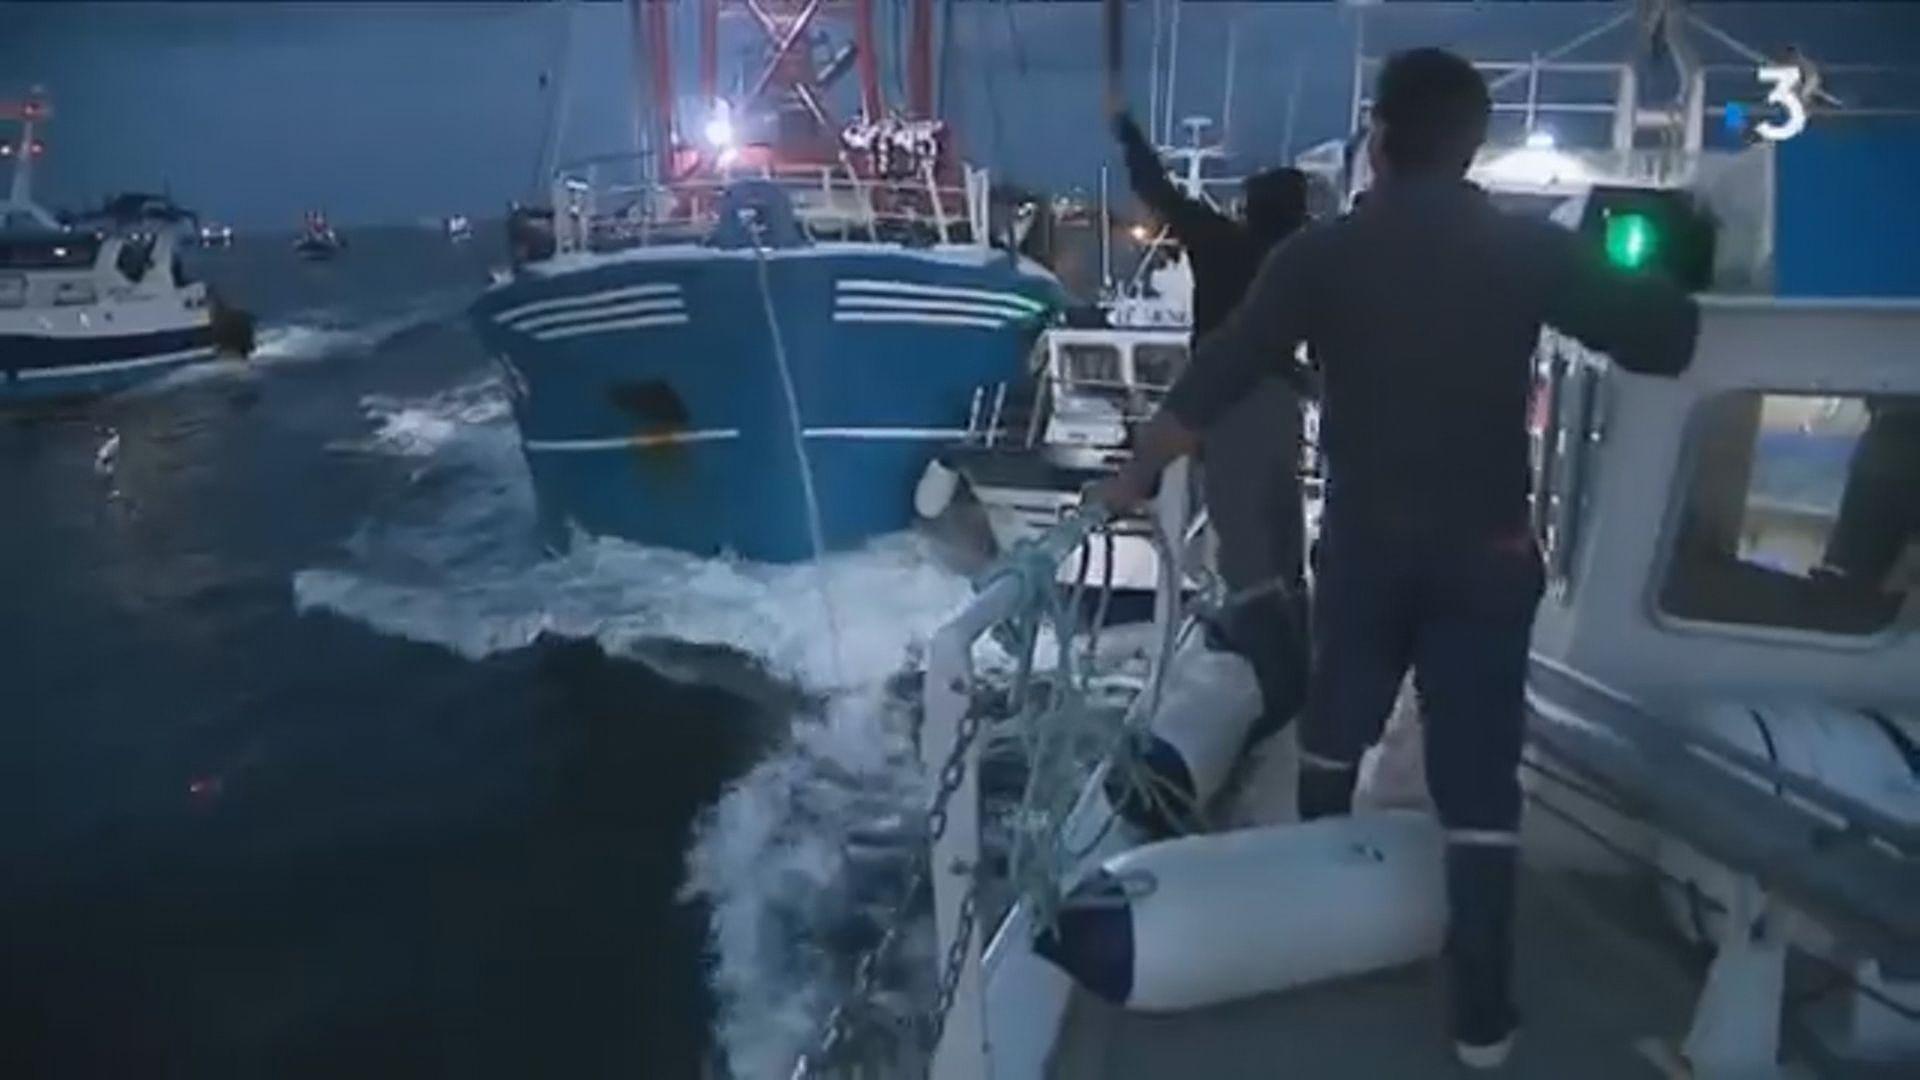 英法漁民因爭奪扇貝資源爆衝突 有漁船受損